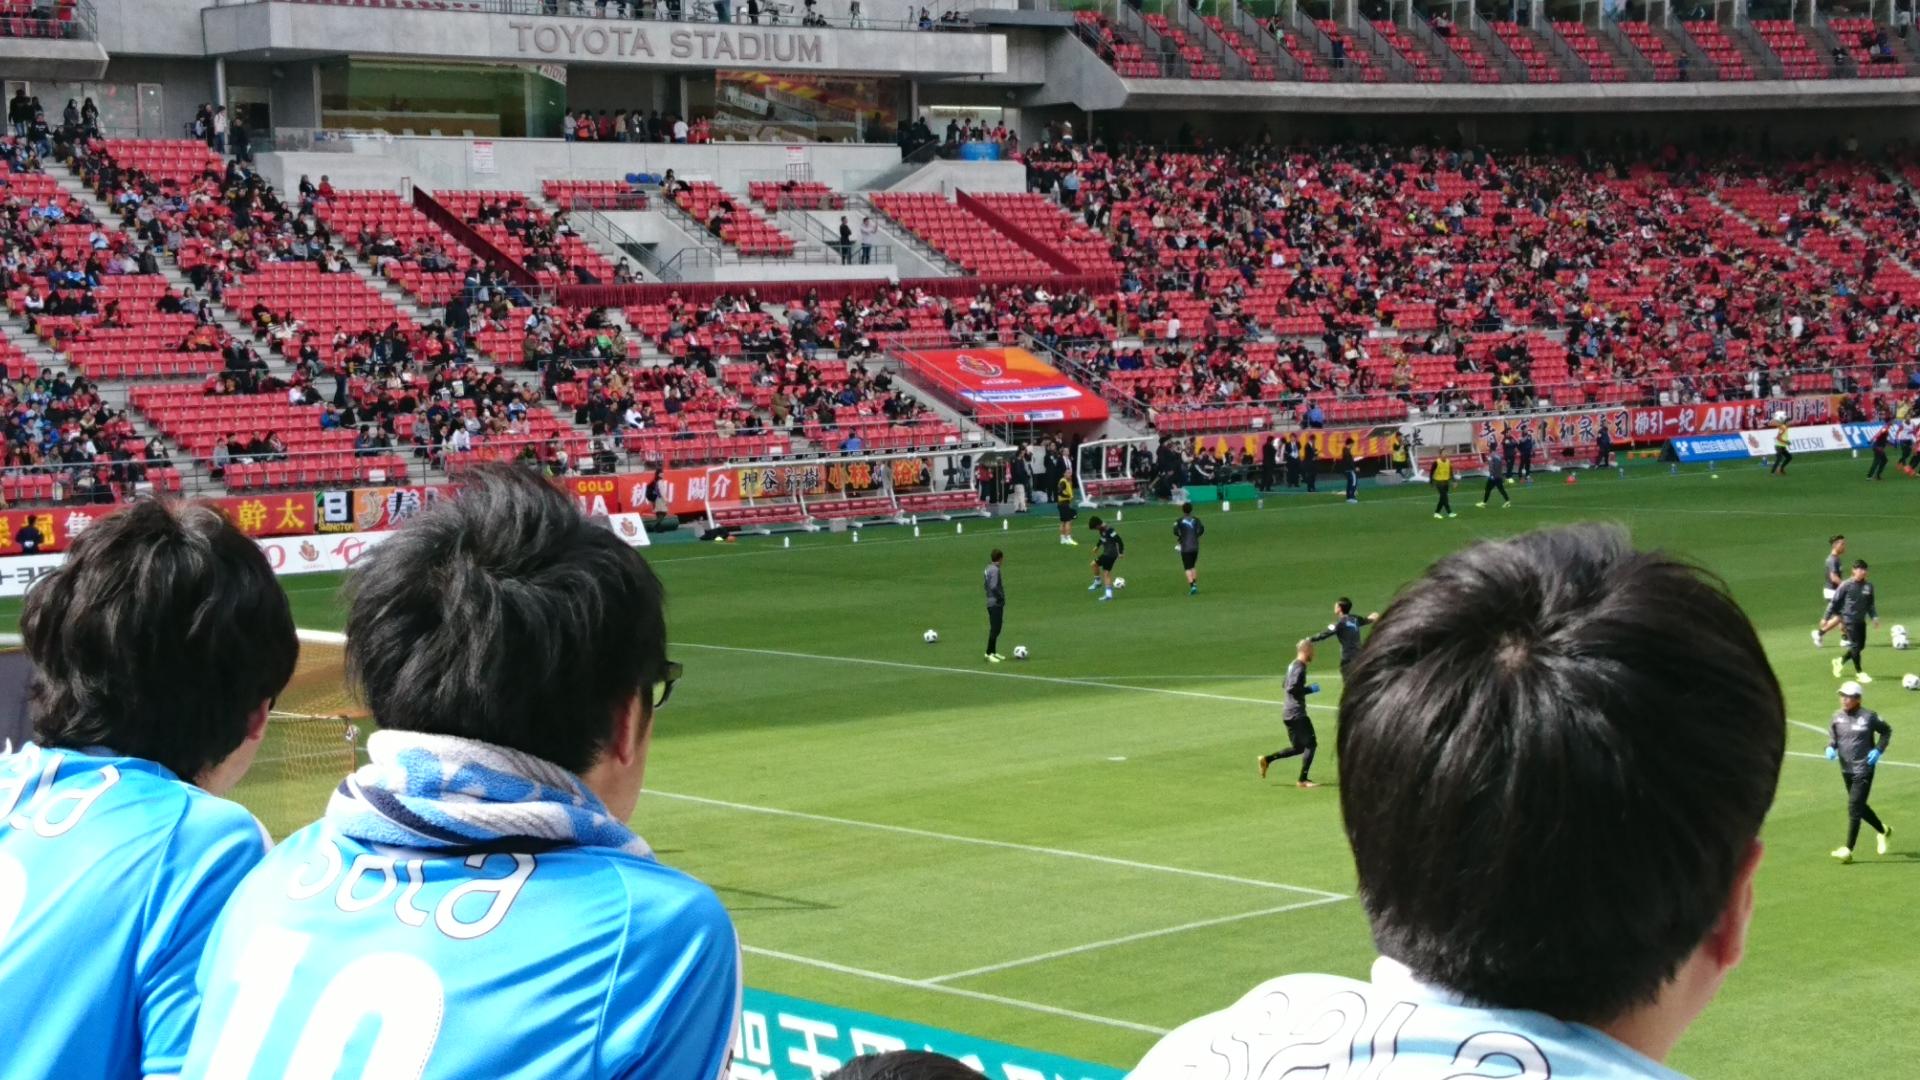 2018.3.3 豊田市 (19) 豊田スタジアム - ジュビロの練習